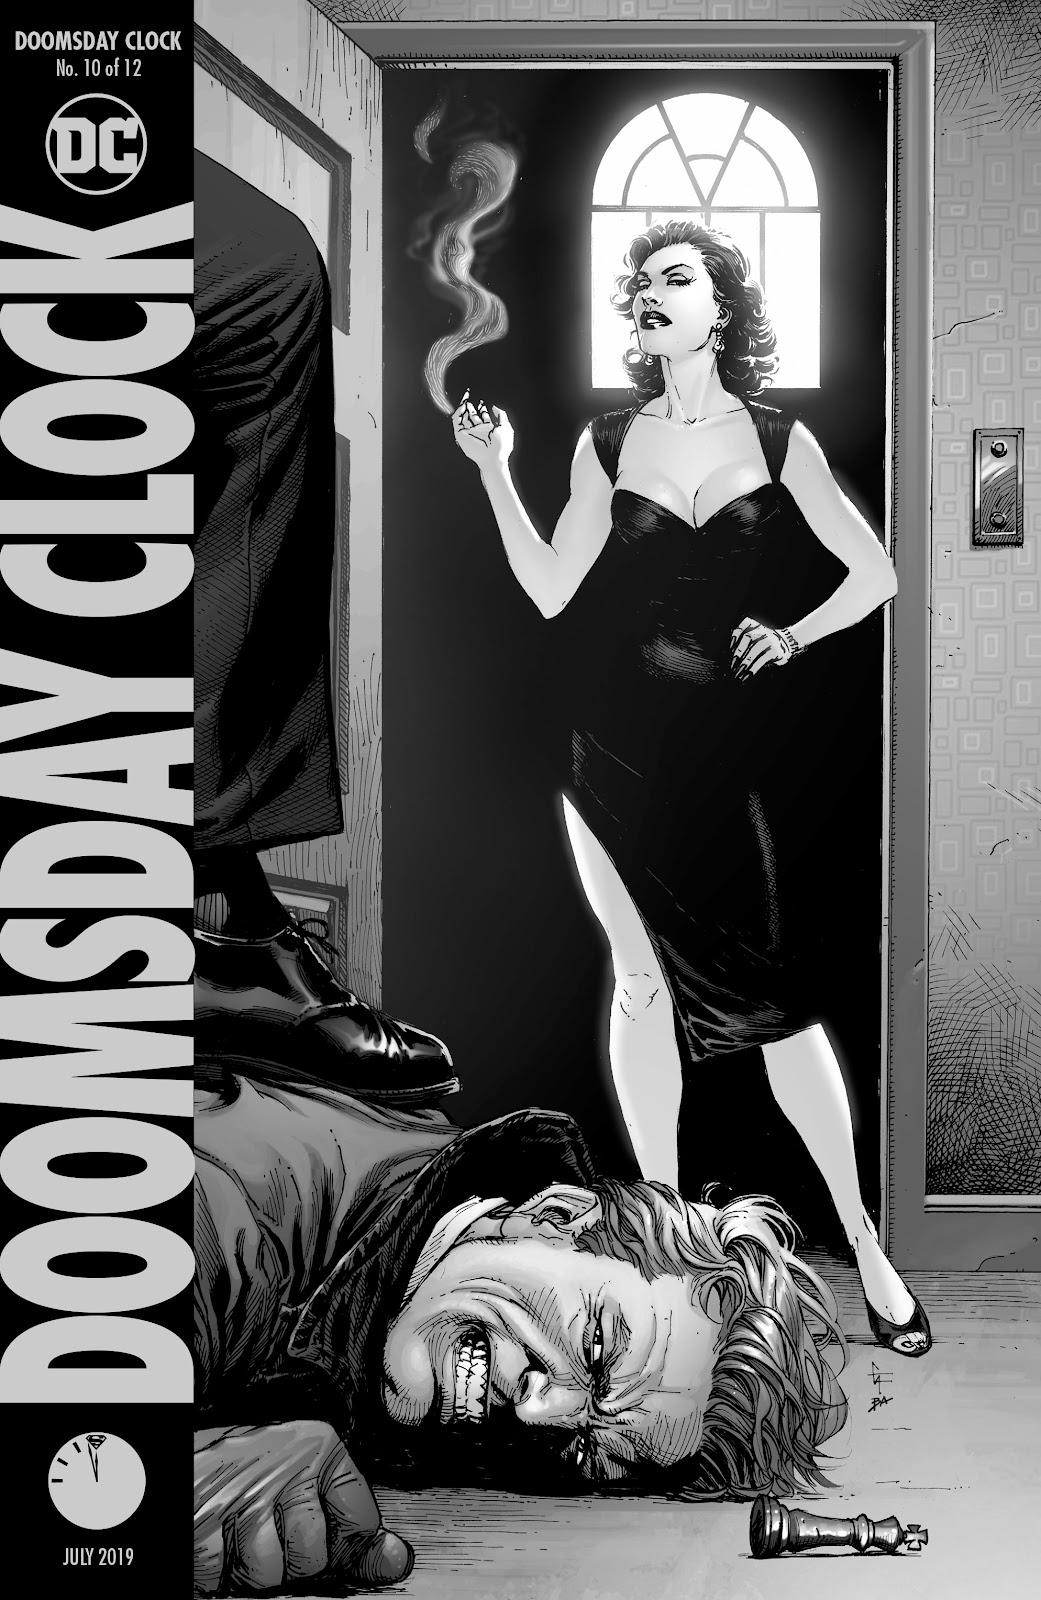 doomsday clock 12 read online